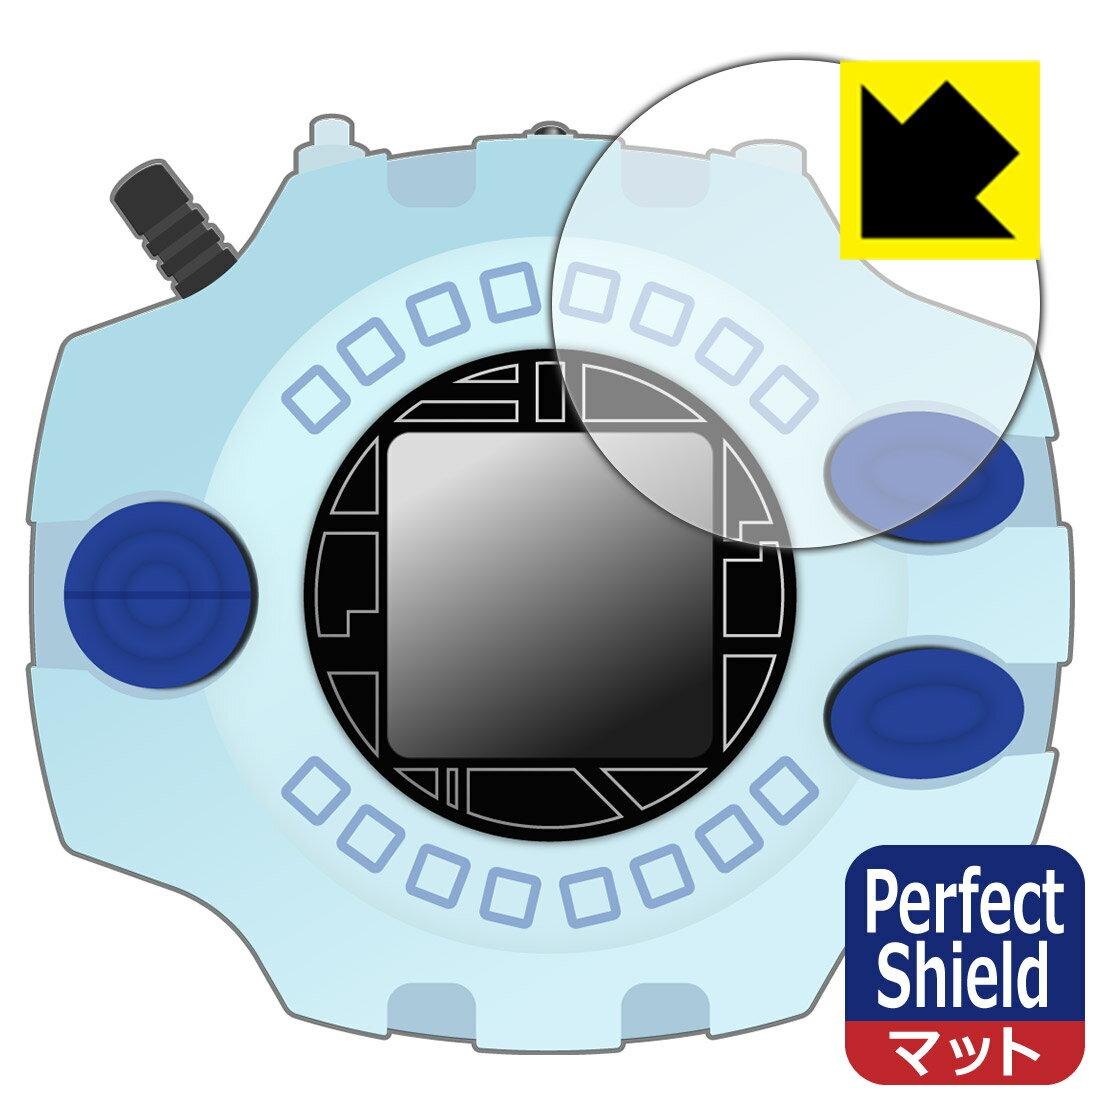 電子玩具・キッズ家電, その他 Perfect Shield Ver.Complete Ver.15th (3) RCPsmtb-kd